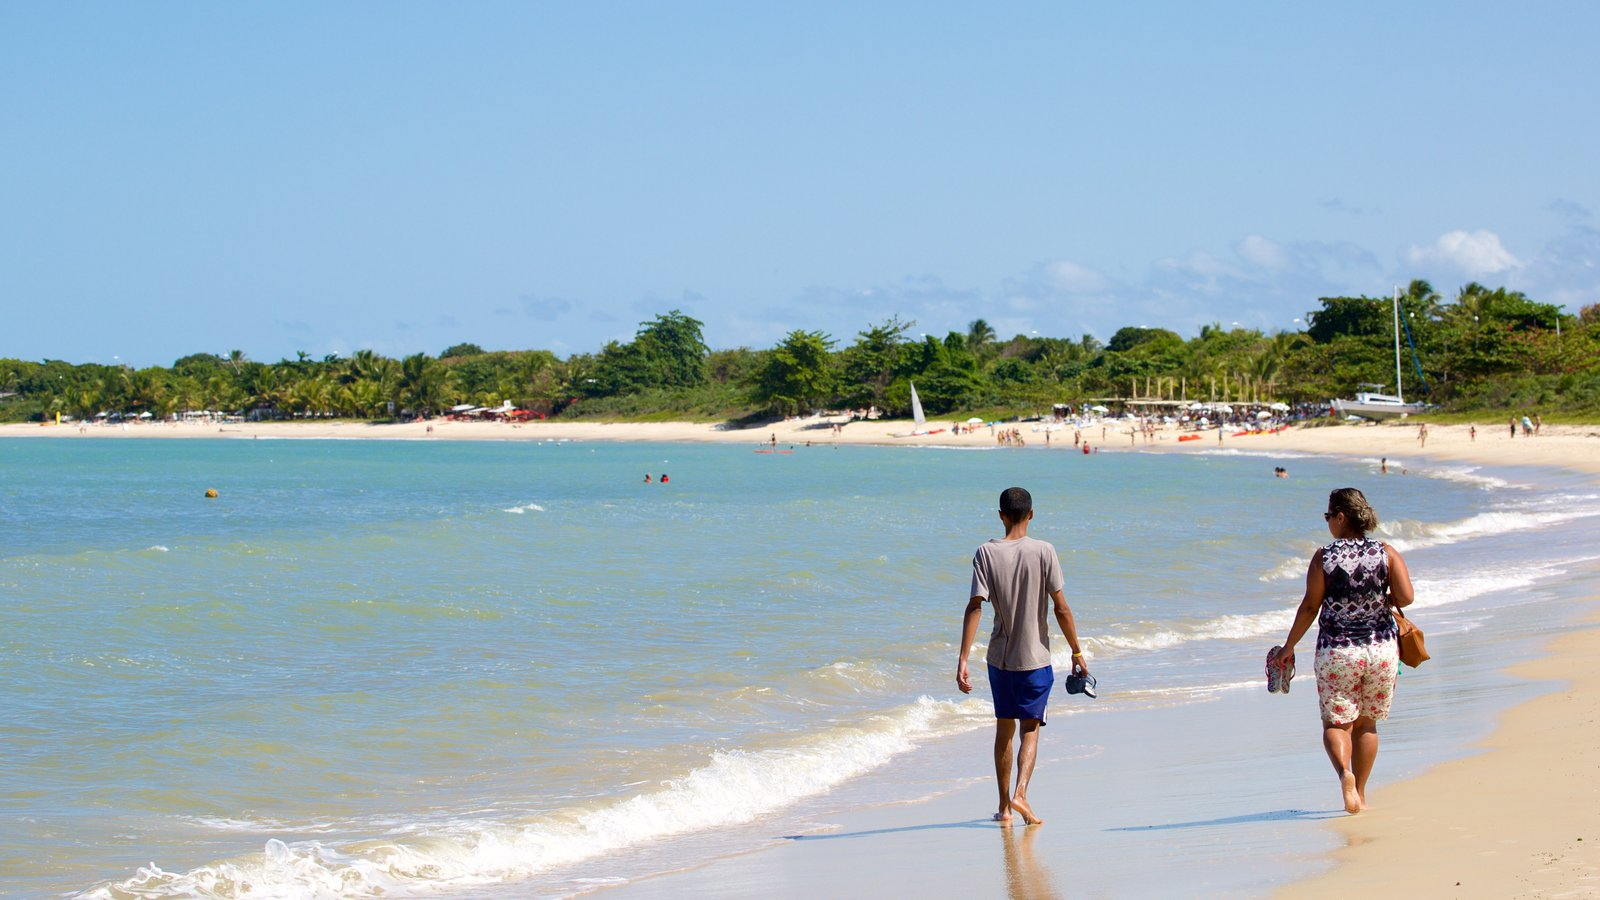 Praia do Mutá mostrando cenas tropicais, paisagens litorâneas e uma praia de areia